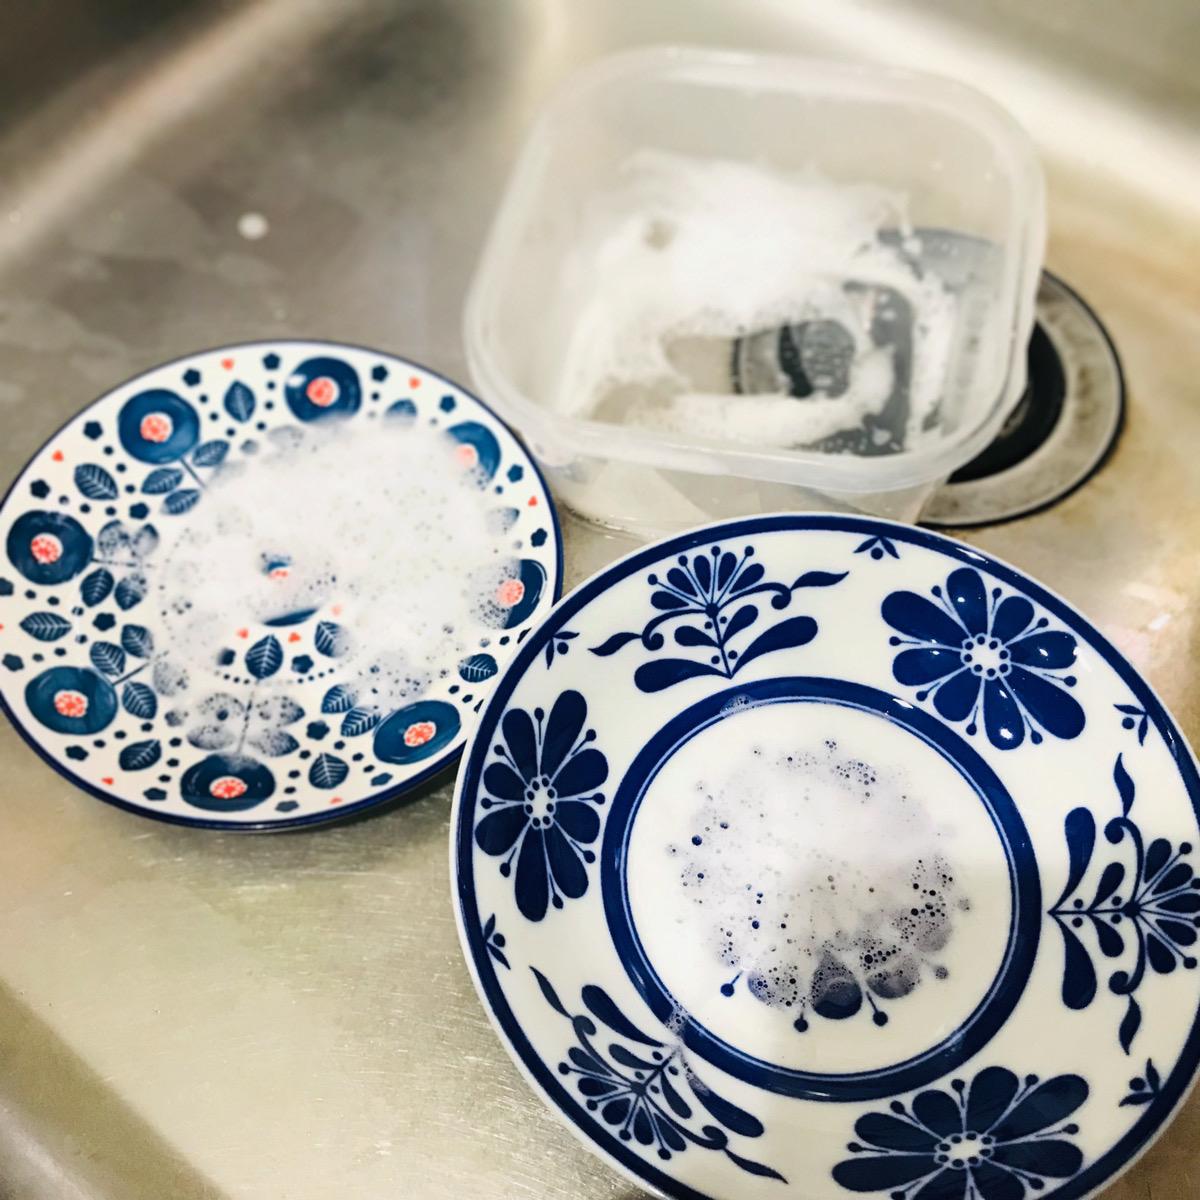 汚れの少ないものから洗う